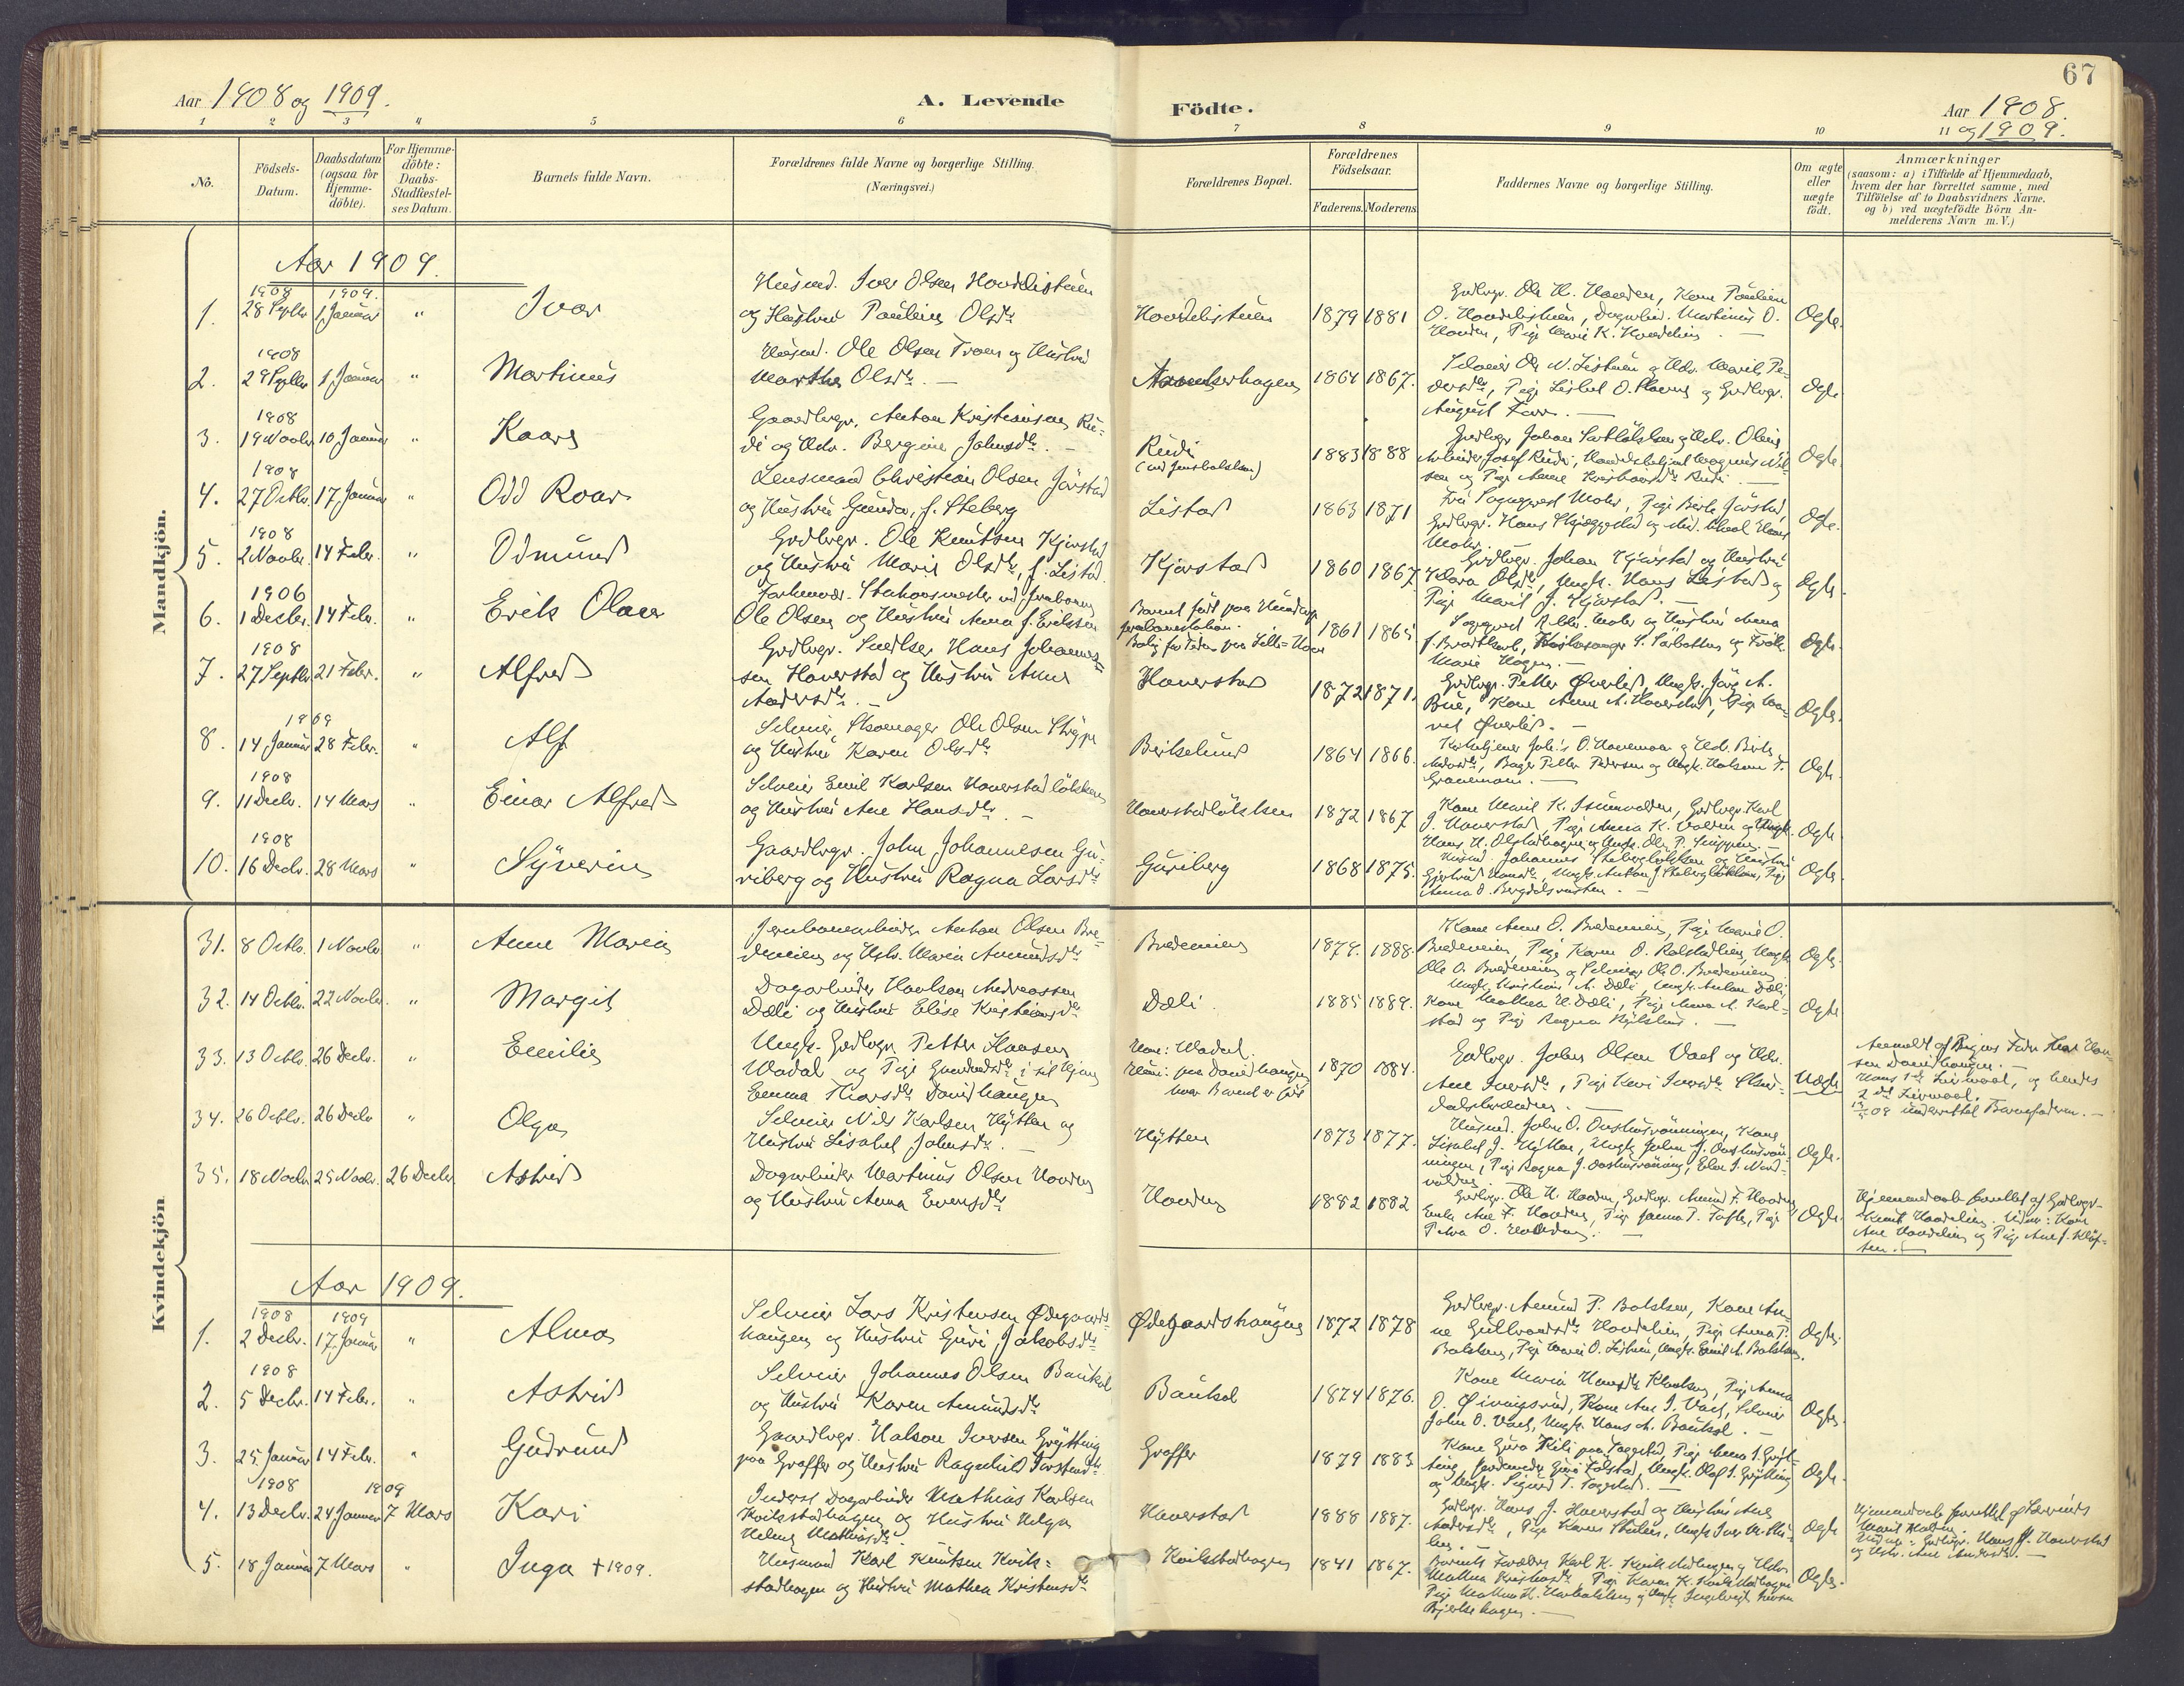 SAH, Sør-Fron prestekontor, H/Ha/Haa/L0004: Ministerialbok nr. 4, 1898-1919, s. 67